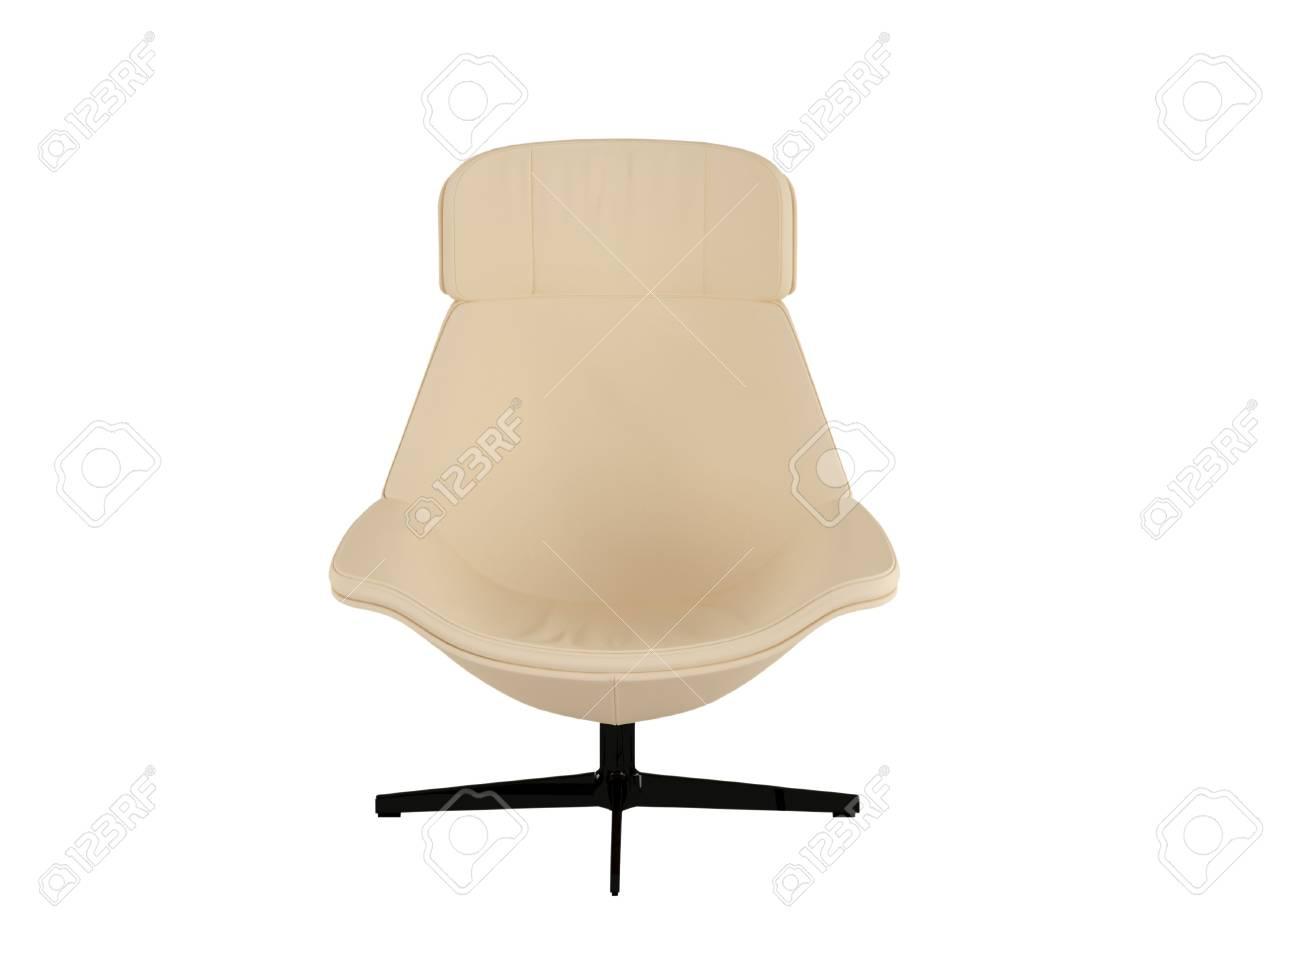 Poltrona Ufficio Bianco : Poltrona da ufficio brown isolato su sfondo bianco illustrazione 3d